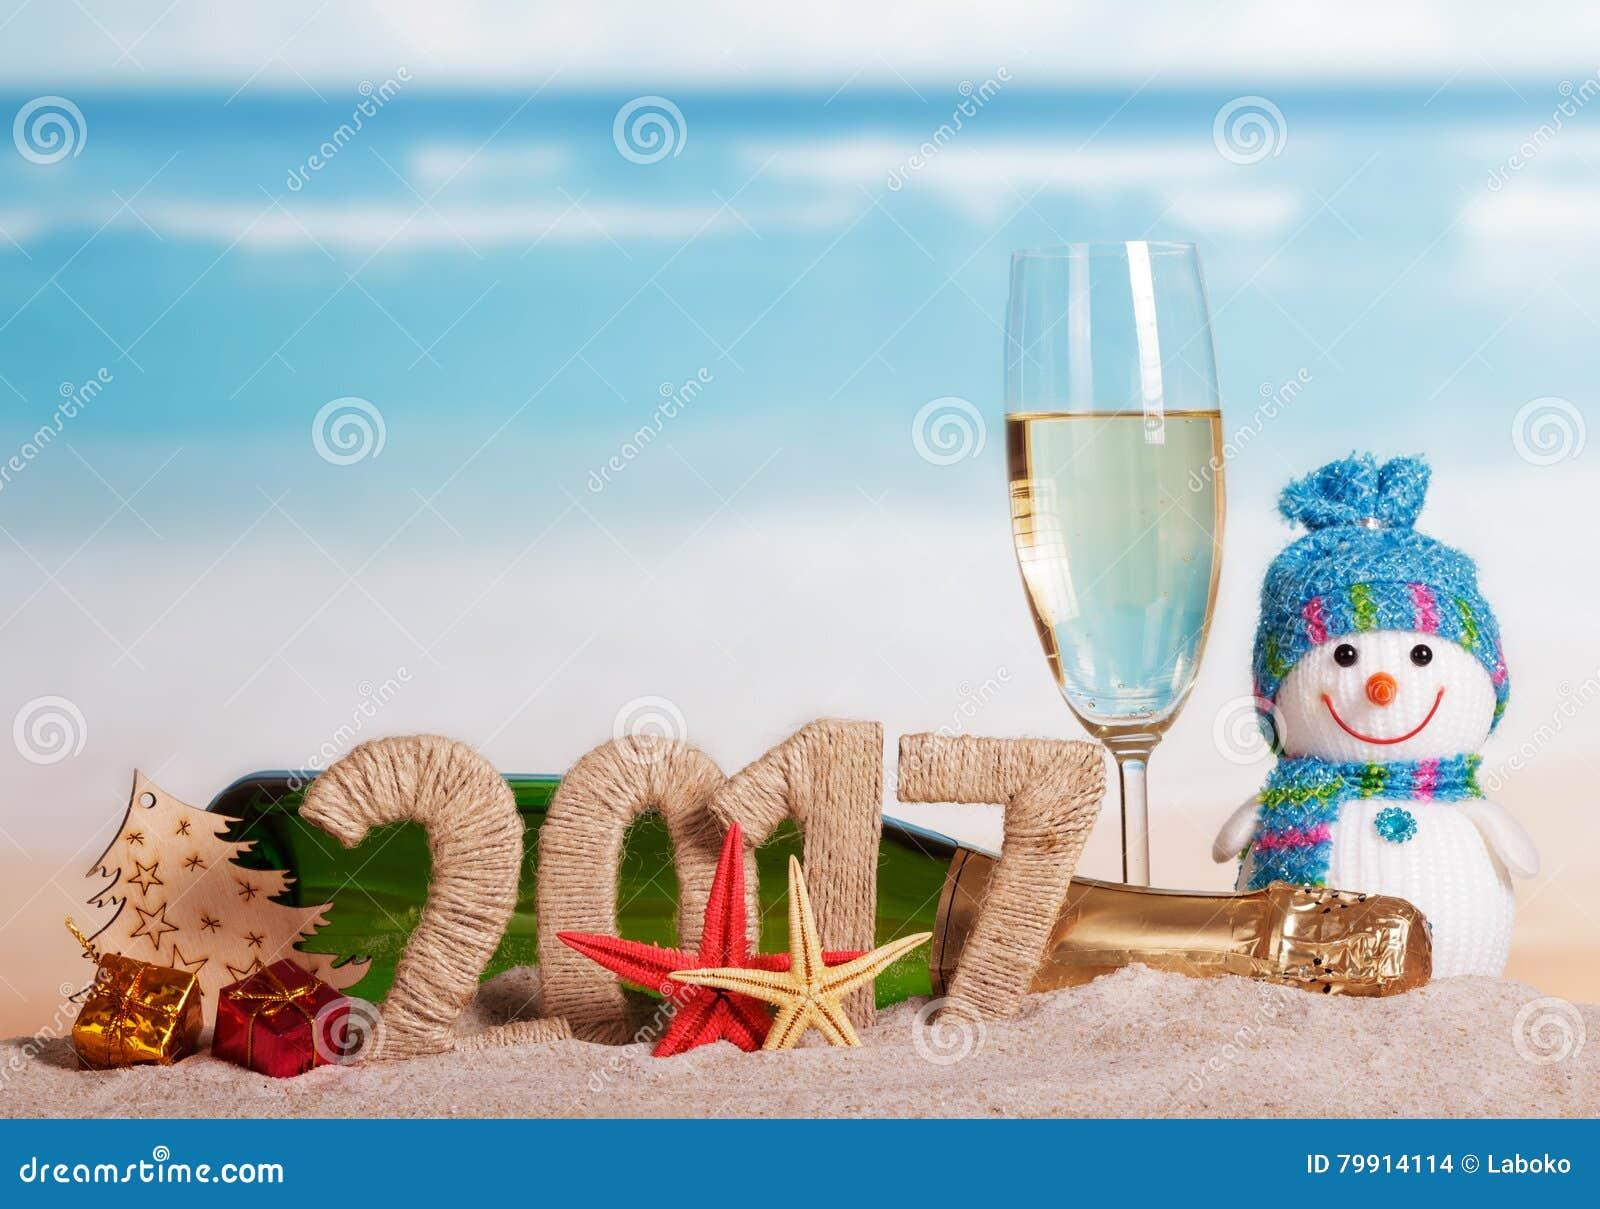 Les sch mas 2017 bouteille de champagne verre bonhomme de neige arbre de no l contre la mer - Bonhomme de neige verre plastique ...